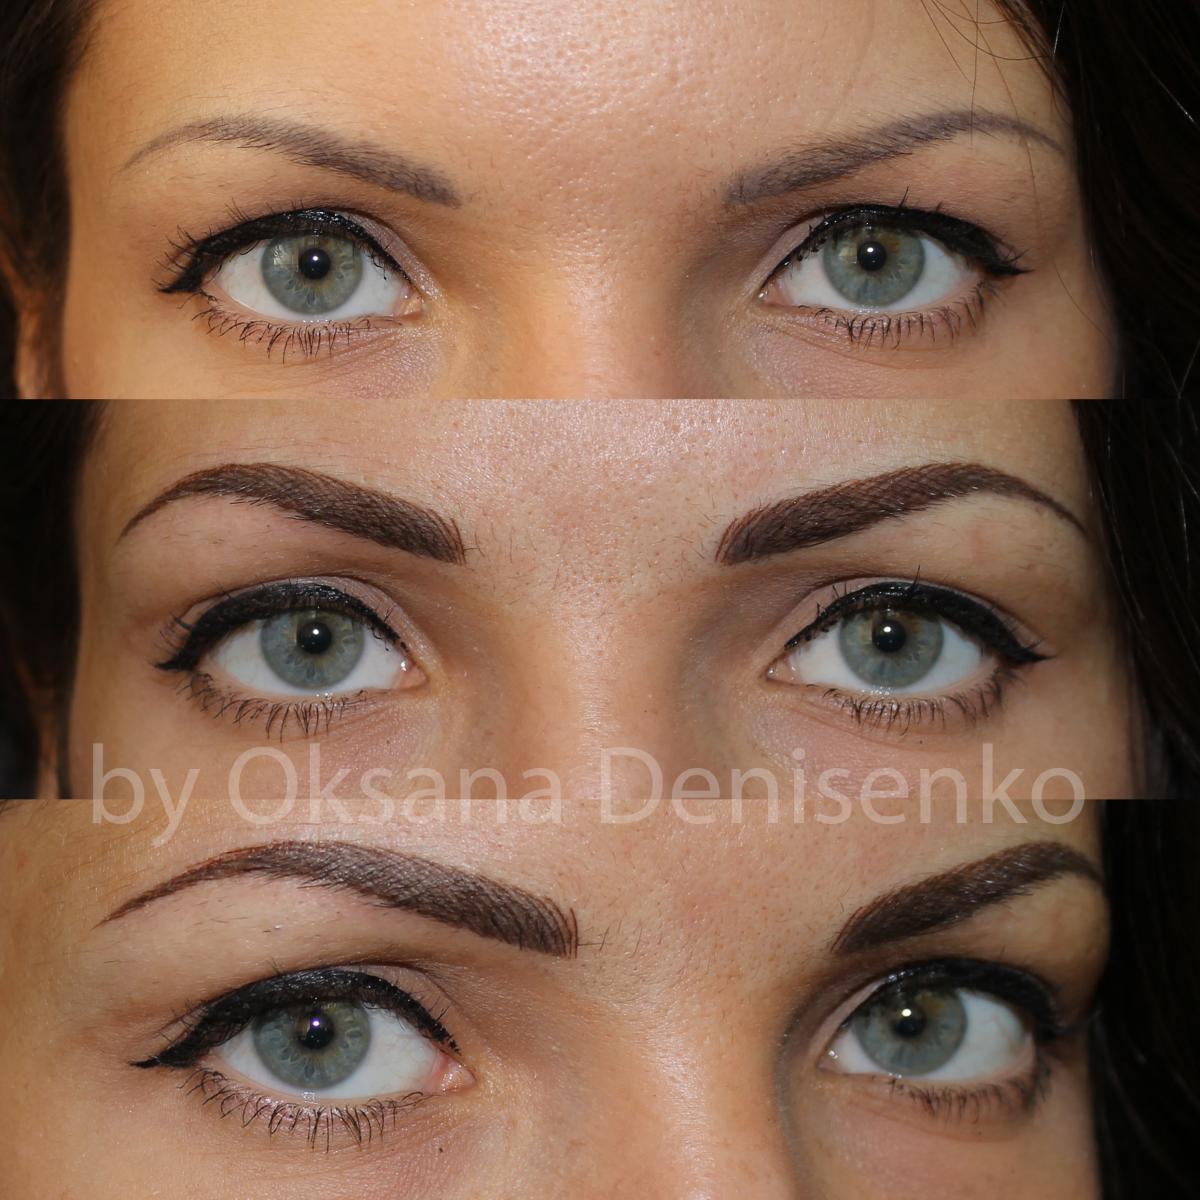 Татуаж бровей до и после : все виды перманентного макияжа бровей